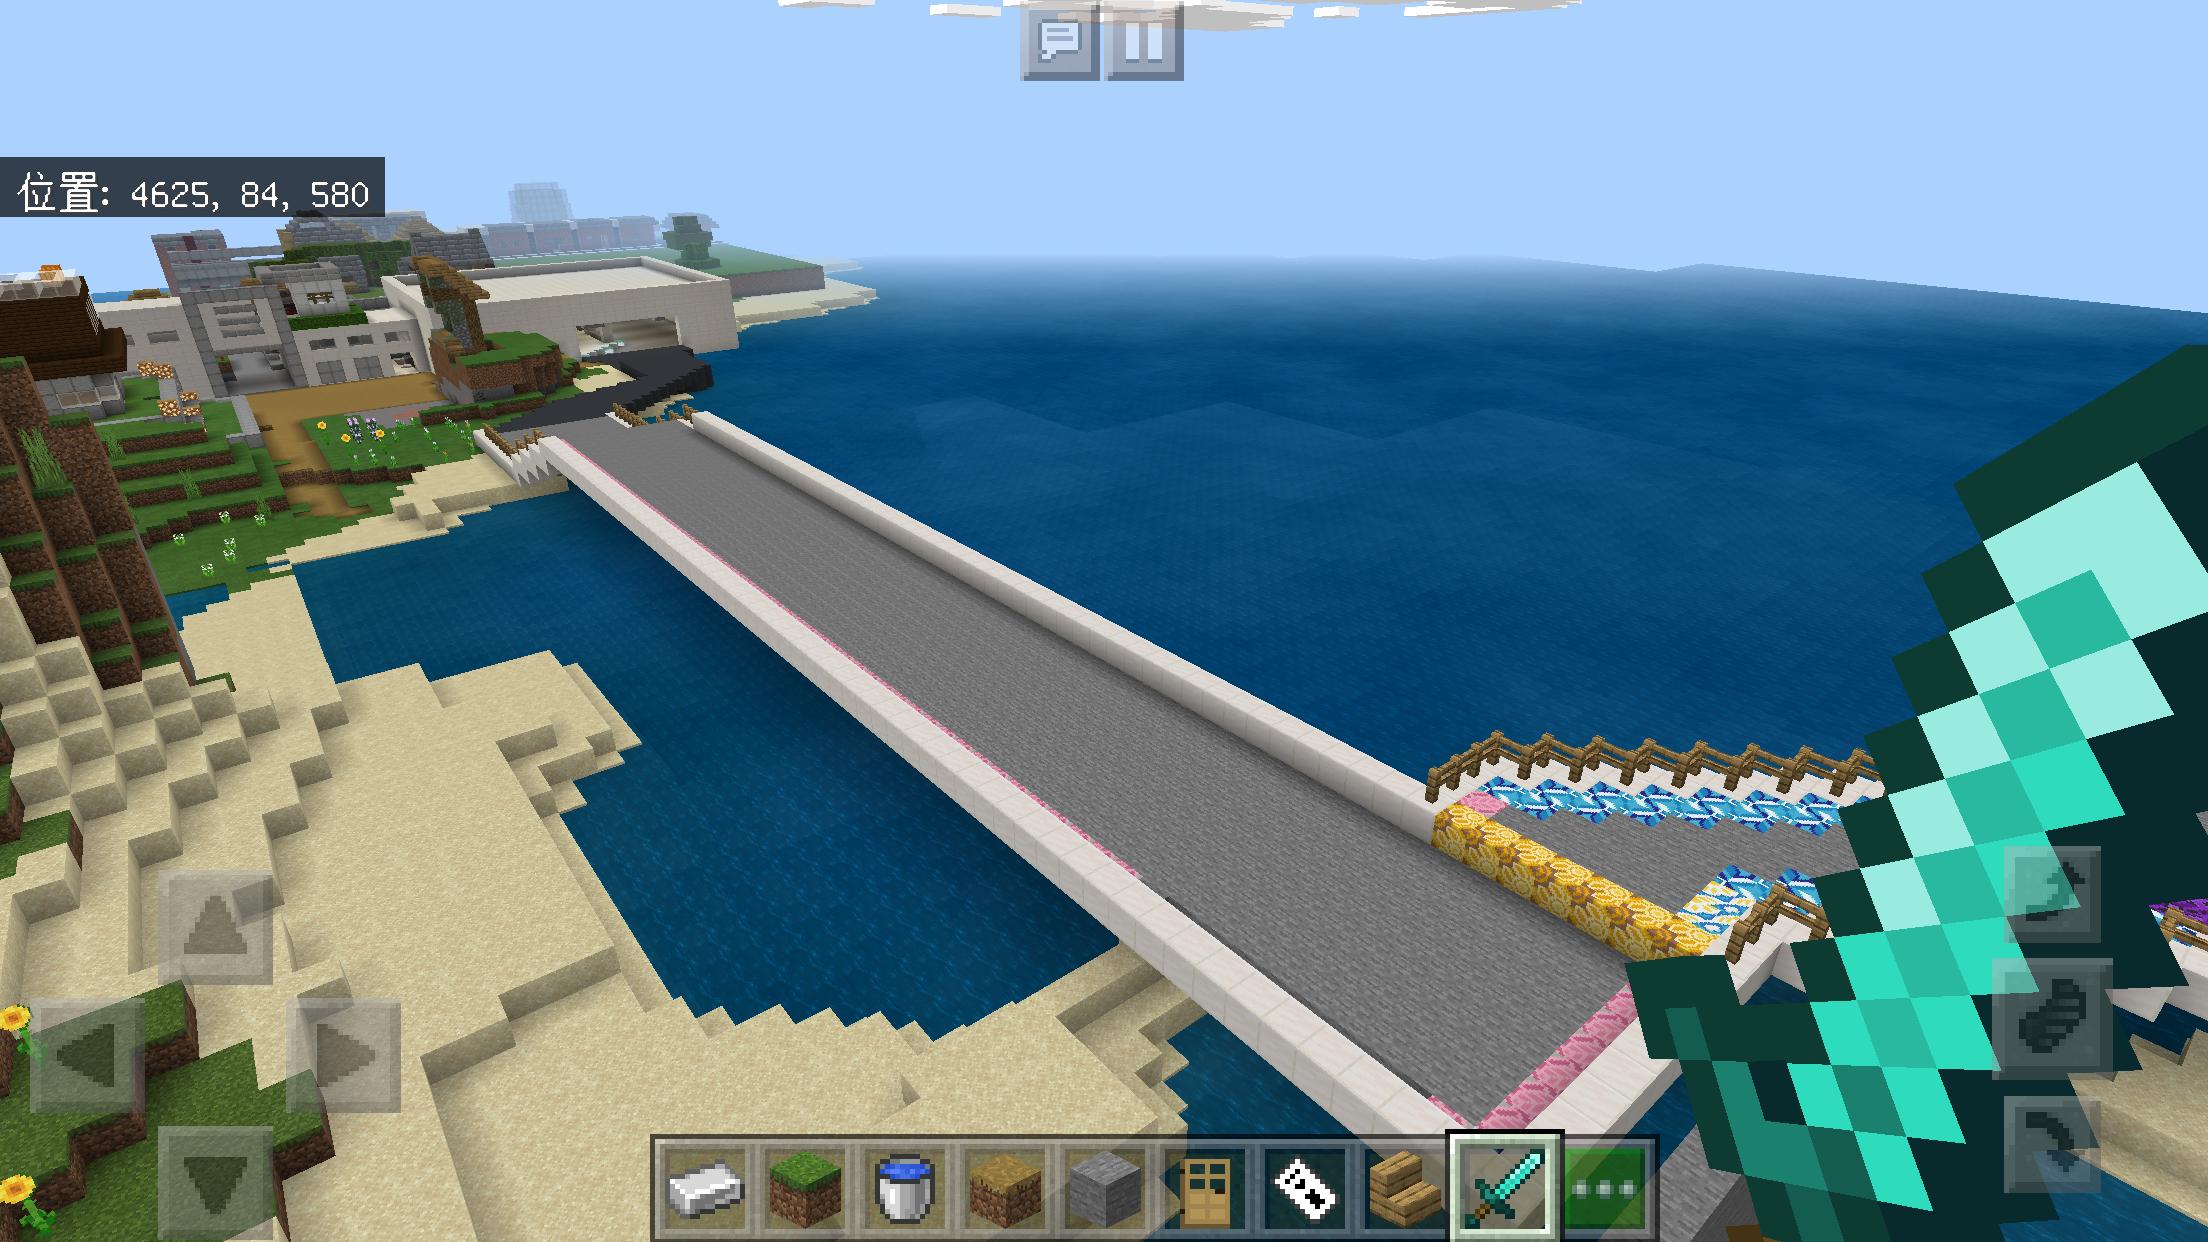 f:id:Minecraftkun:20200223180351p:image